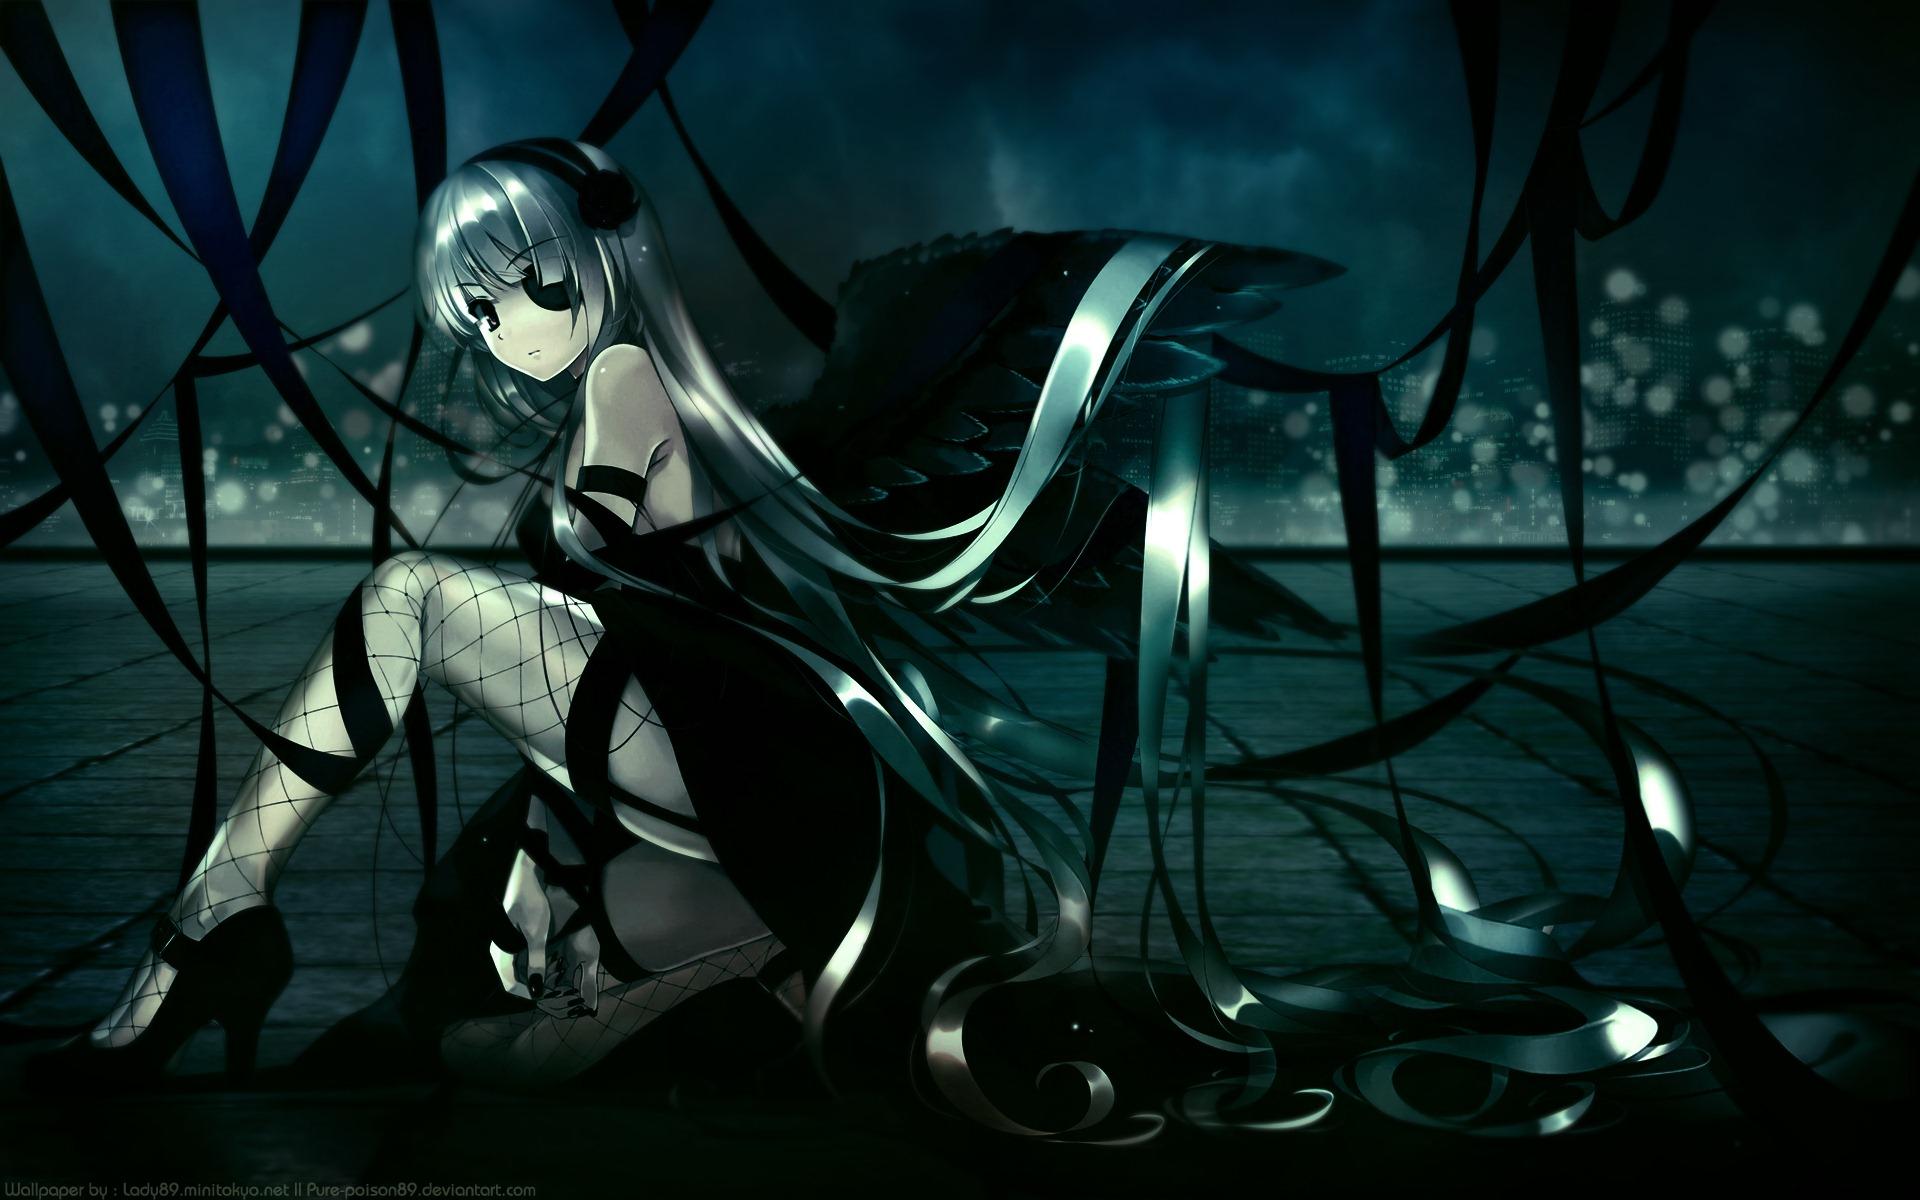 Dark Anime